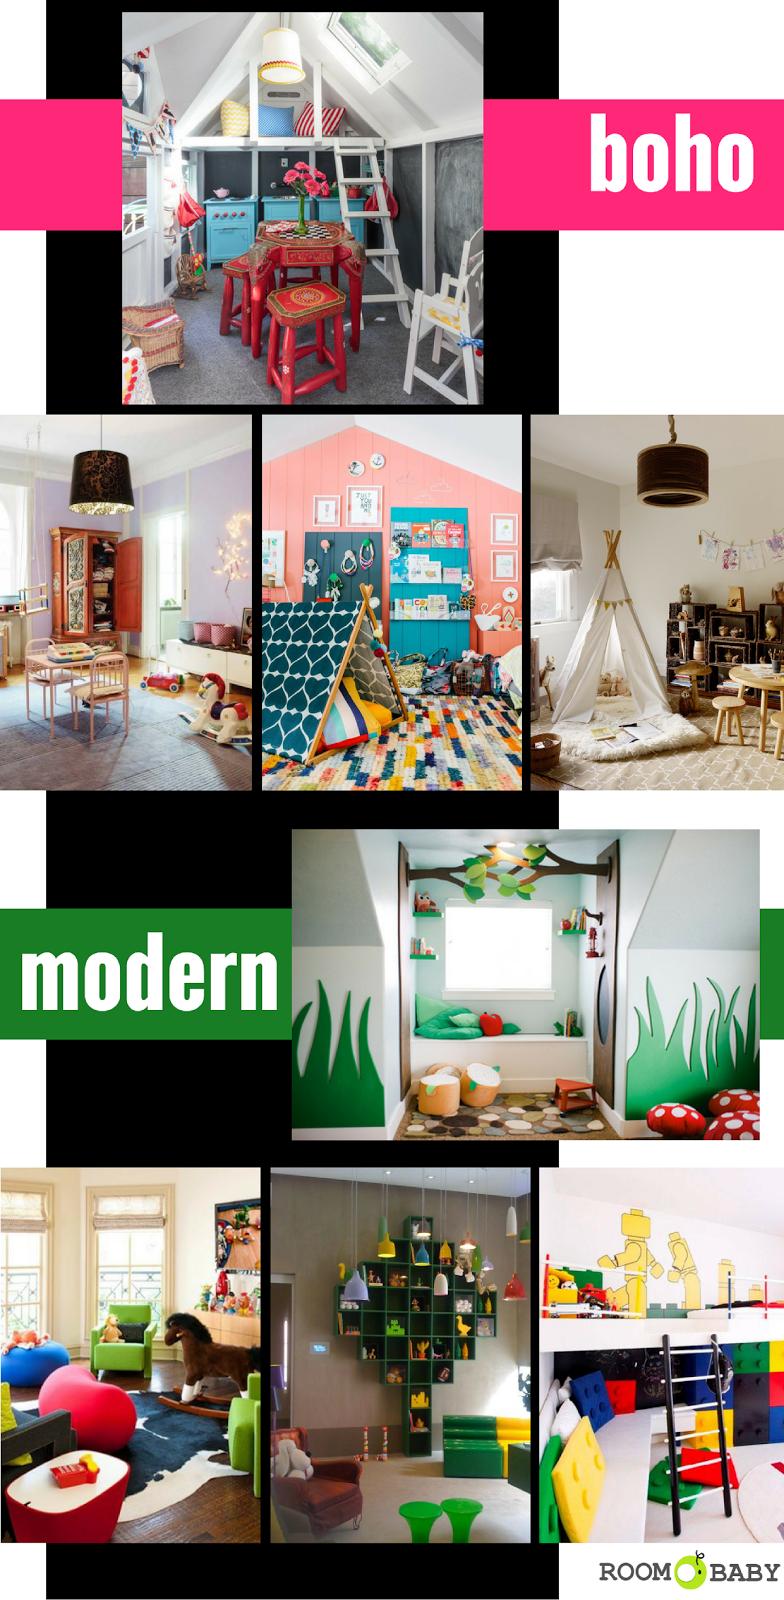 roomobaby* blog: 16 unique playrooms